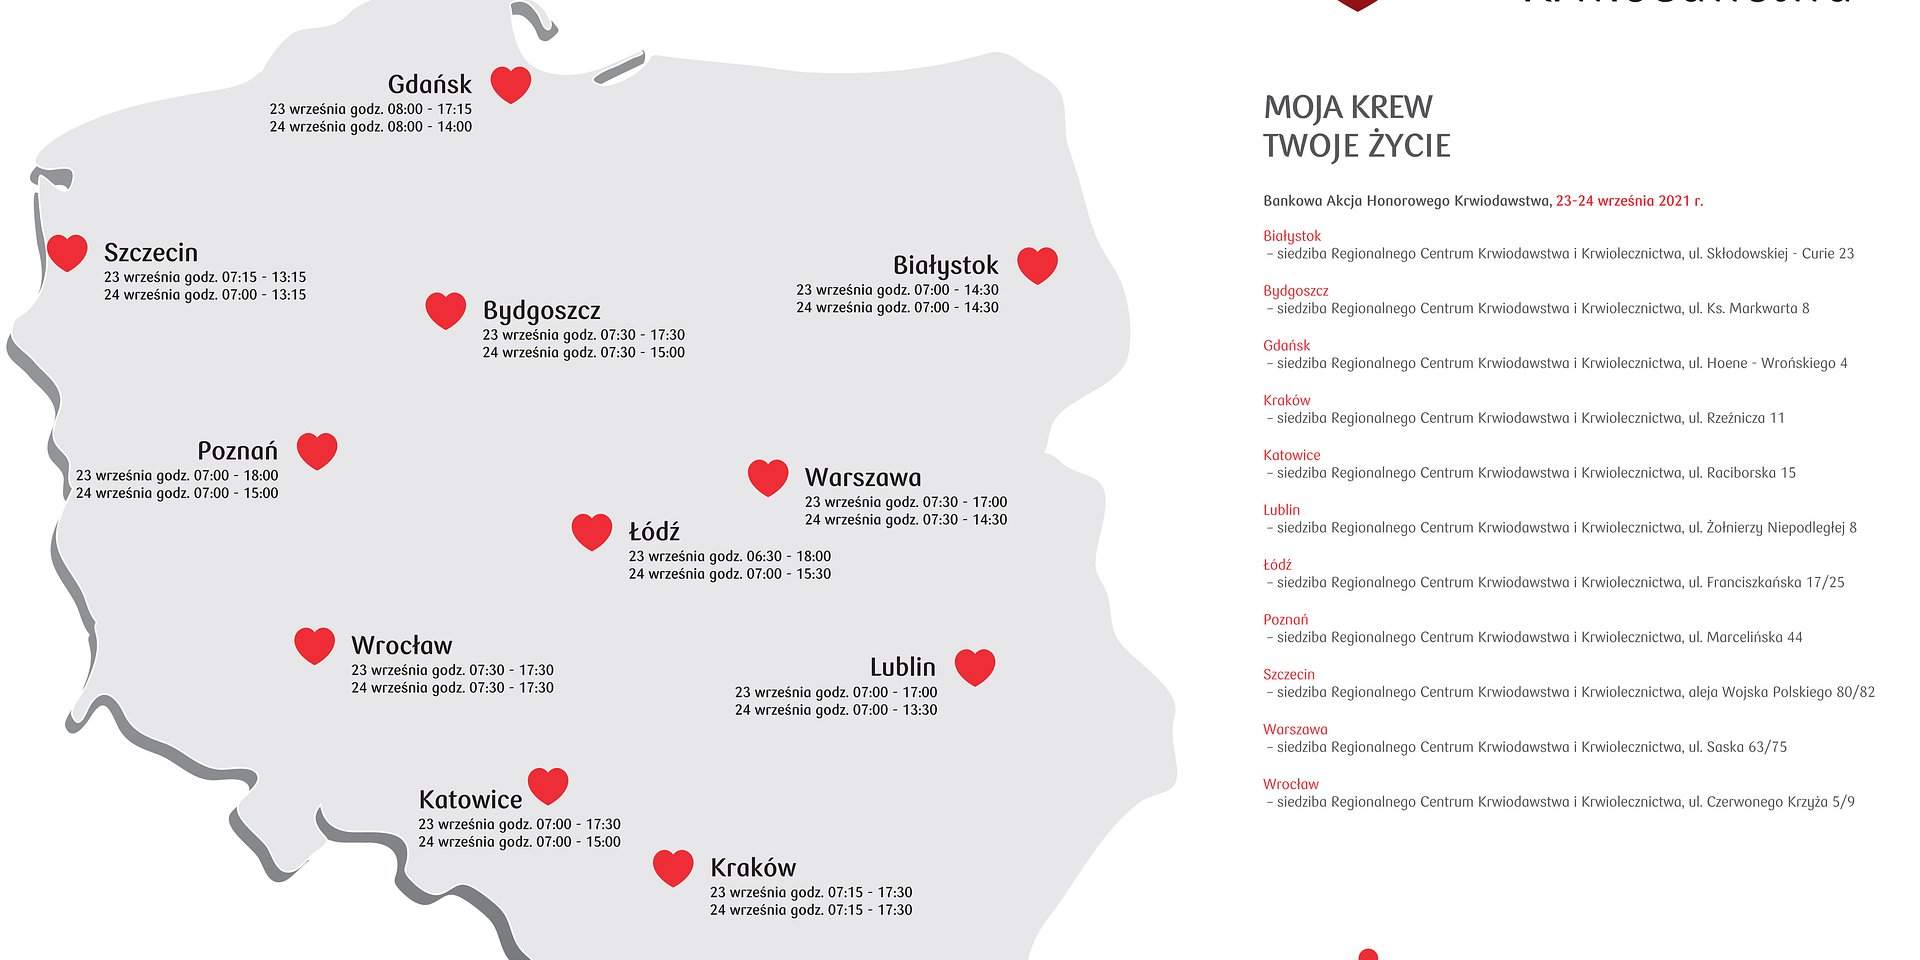 Jesienna Bankowa Akcja Honorowego Krwiodawstwa w Szczecina– 23 i 24 września.